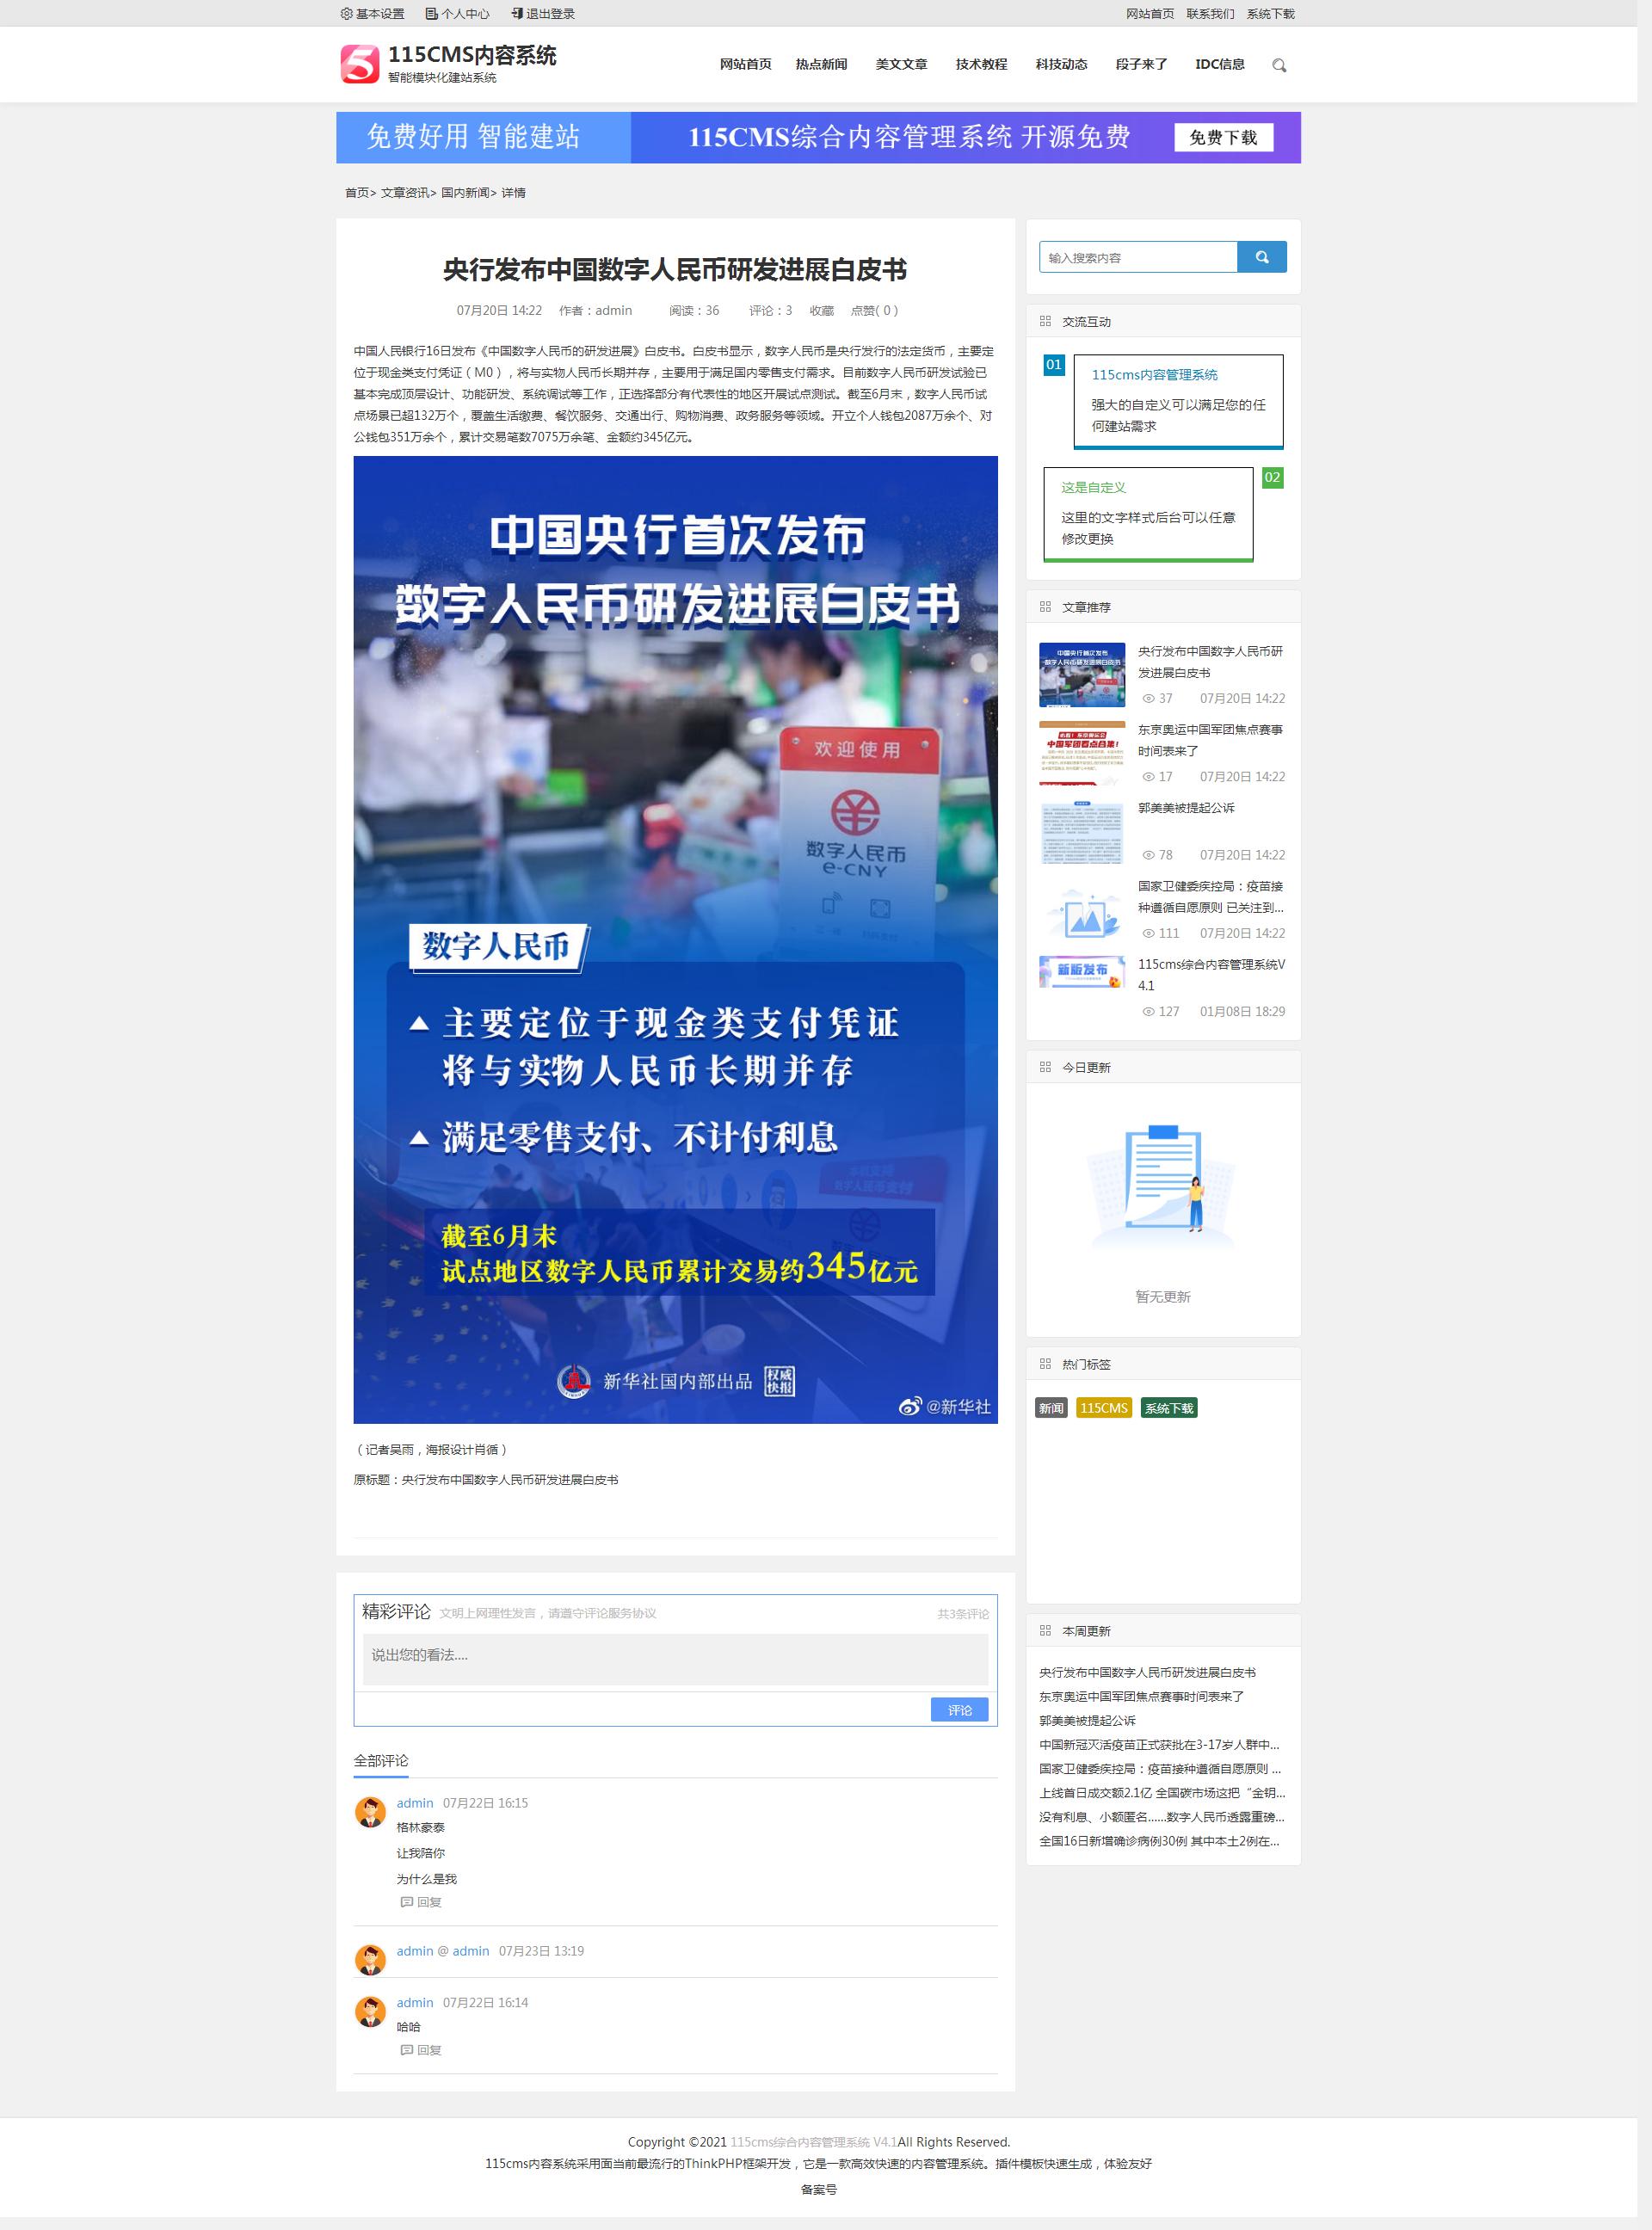 央行发布中国数字人民币研发进展白皮书 - 115cms综合内容管理系统